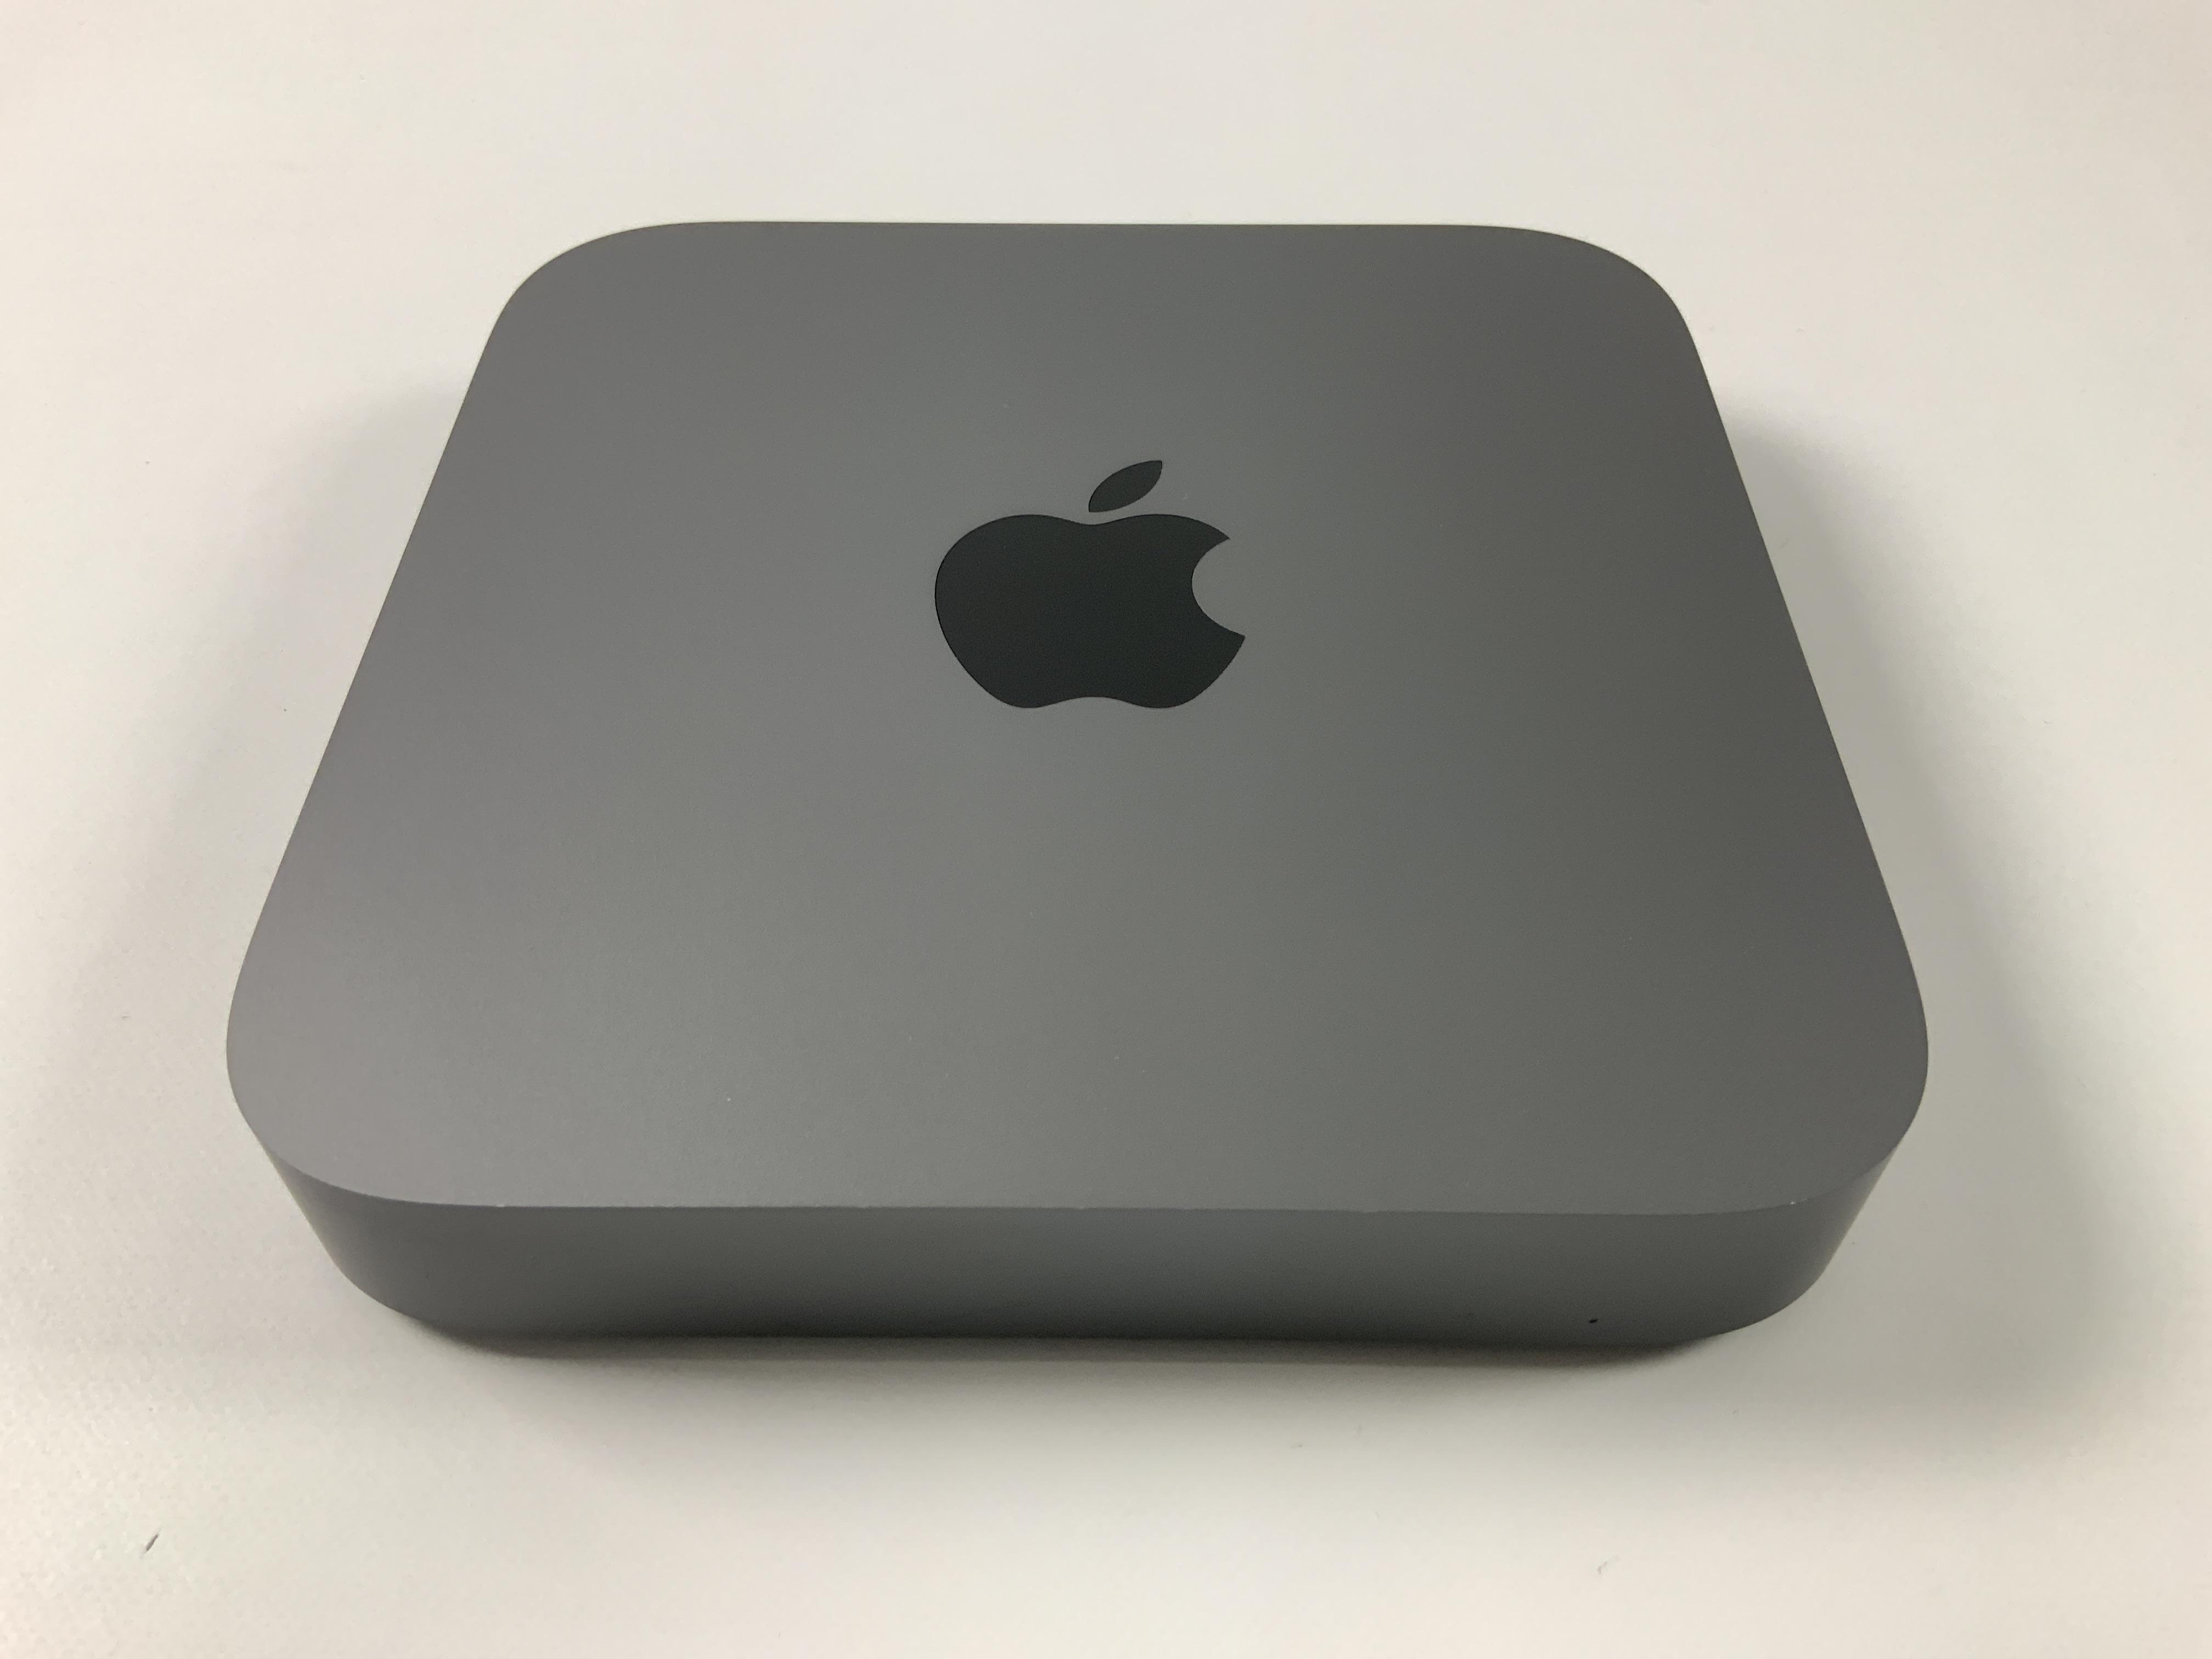 Mac Mini Late 2018 (Intel 6-Core i7 3.2 GHz 32 GB RAM 256 GB SSD), Intel 6-Core i7 3.2 GHz, 32 GB RAM, 256 GB SSD, imagen 1